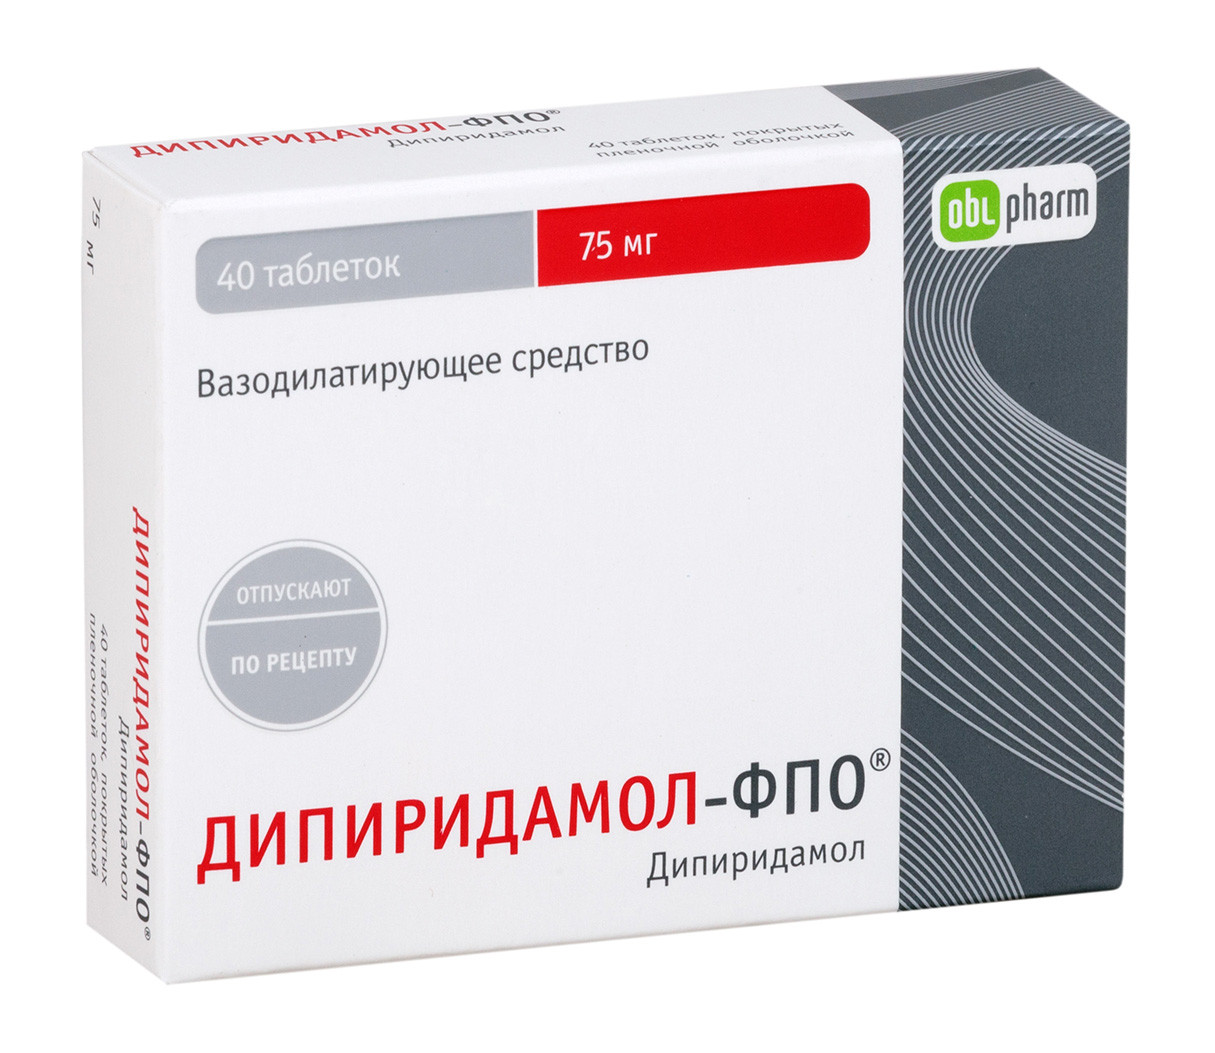 Фото препарата Дипиридамол-ФПО таблетки покрытые пленочной оболочкой 75 мг блистер